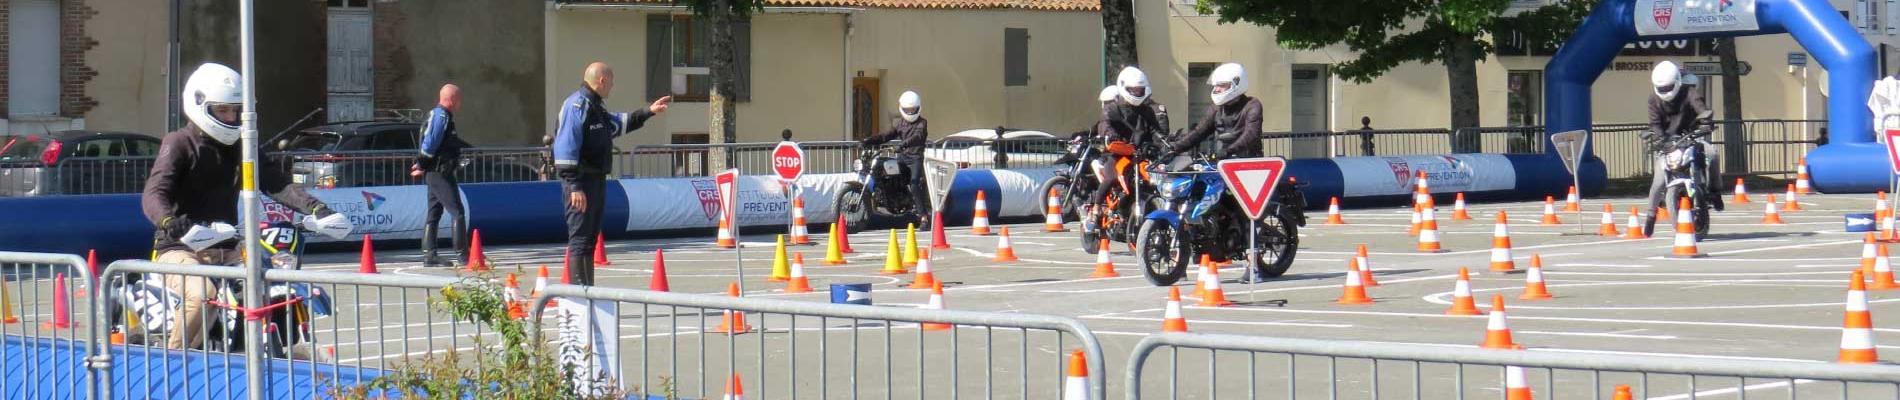 Les jeunes en piste pour la sécurité à Luçon (85), du 29 avril au 3 mai